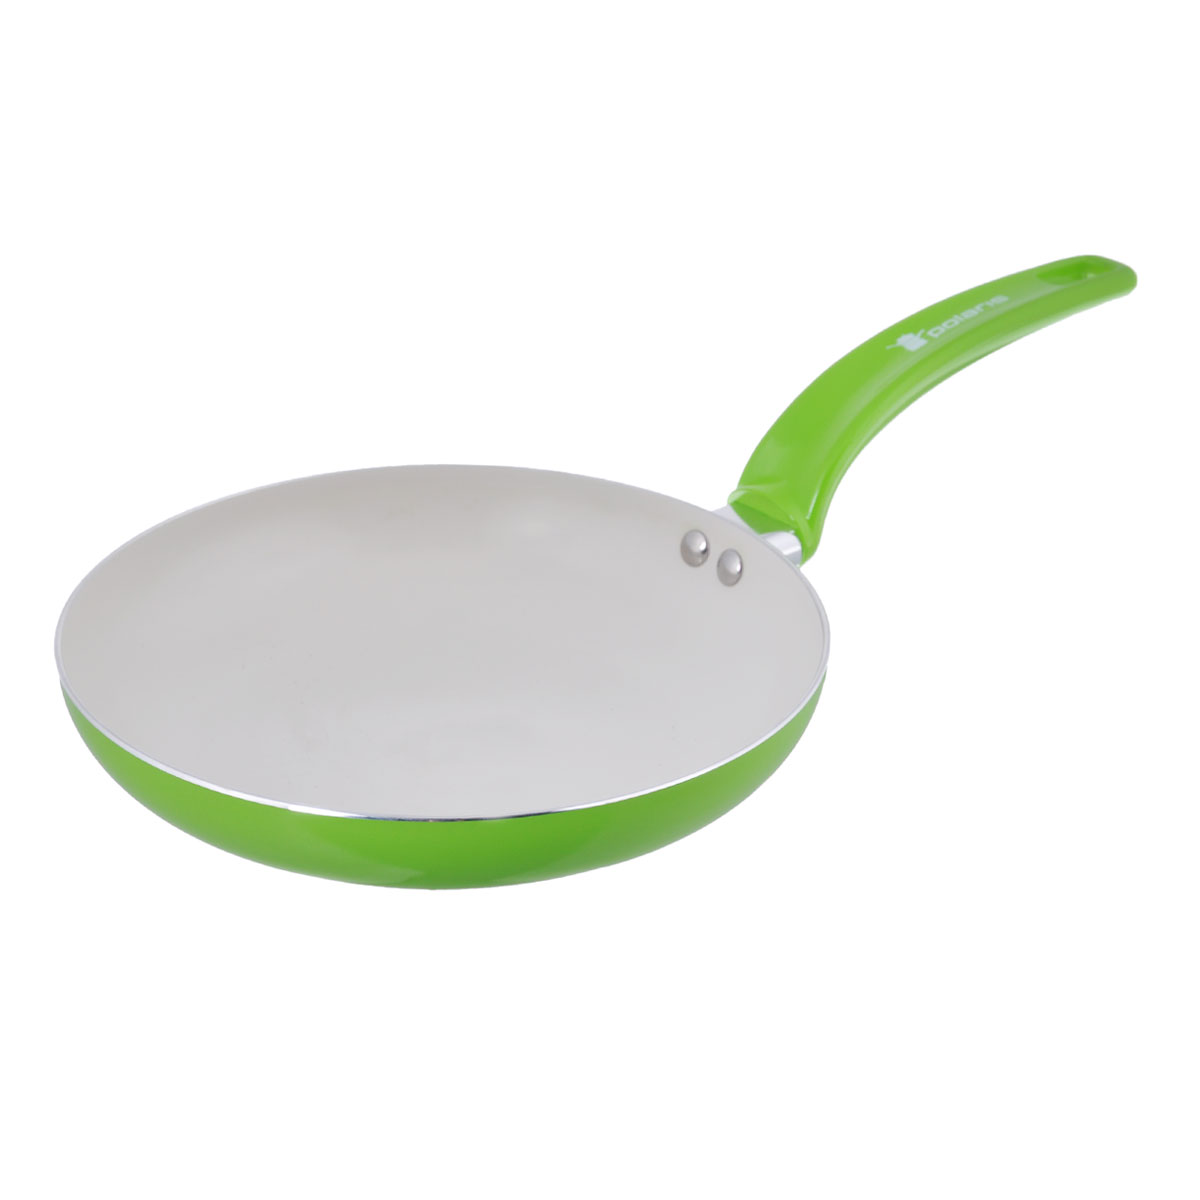 Сковорода Polaris Rainbow, с керамическим покрытием, цвет: салатовый. Диаметр 24 смКГ24СРСковорода Polaris Rainbow изготовлена из штампованного алюминия толщиной 2,5 мм с керамическим антипригарным покрытием. Данное покрытие является абсолютно экологичным и не содержит вредных веществ, таких как PTFE и PFOA. Это позволяет готовить здоровую пищу с минимальным добавлением жира или подсолнечного масла. Сковорода быстро разогревается и распределяет тепло по всей поверхности.Сковорода оснащена удобной ручкой из бакелита. Изделие подходит для газовых, электрических, стеклокерамических плит. Не подходит для индукционных плит. Сковороду можно мыть в посудомоечной машине. Не использовать в СВЧ-печах.Высота стенки: 4,5 см.Толщина стенки: 2,5 мм.Толщина дна: 2,5 мм.Длина ручки: 18 см.